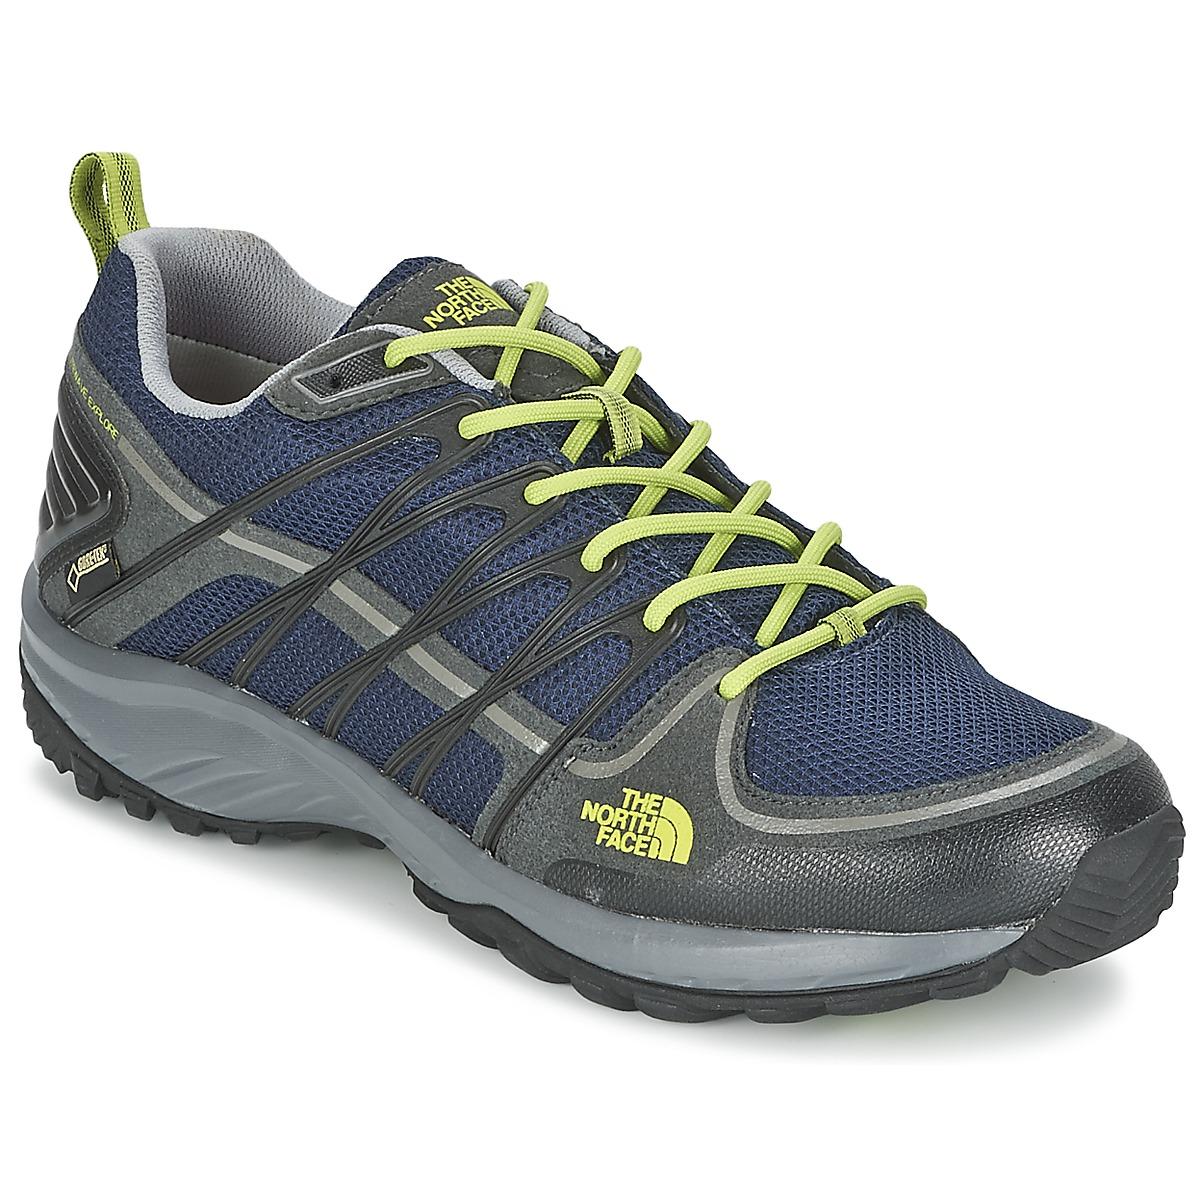 Chaussures-de-randonnee The North Face LITEWAVE EXPLORE GTX Bleu / Vert